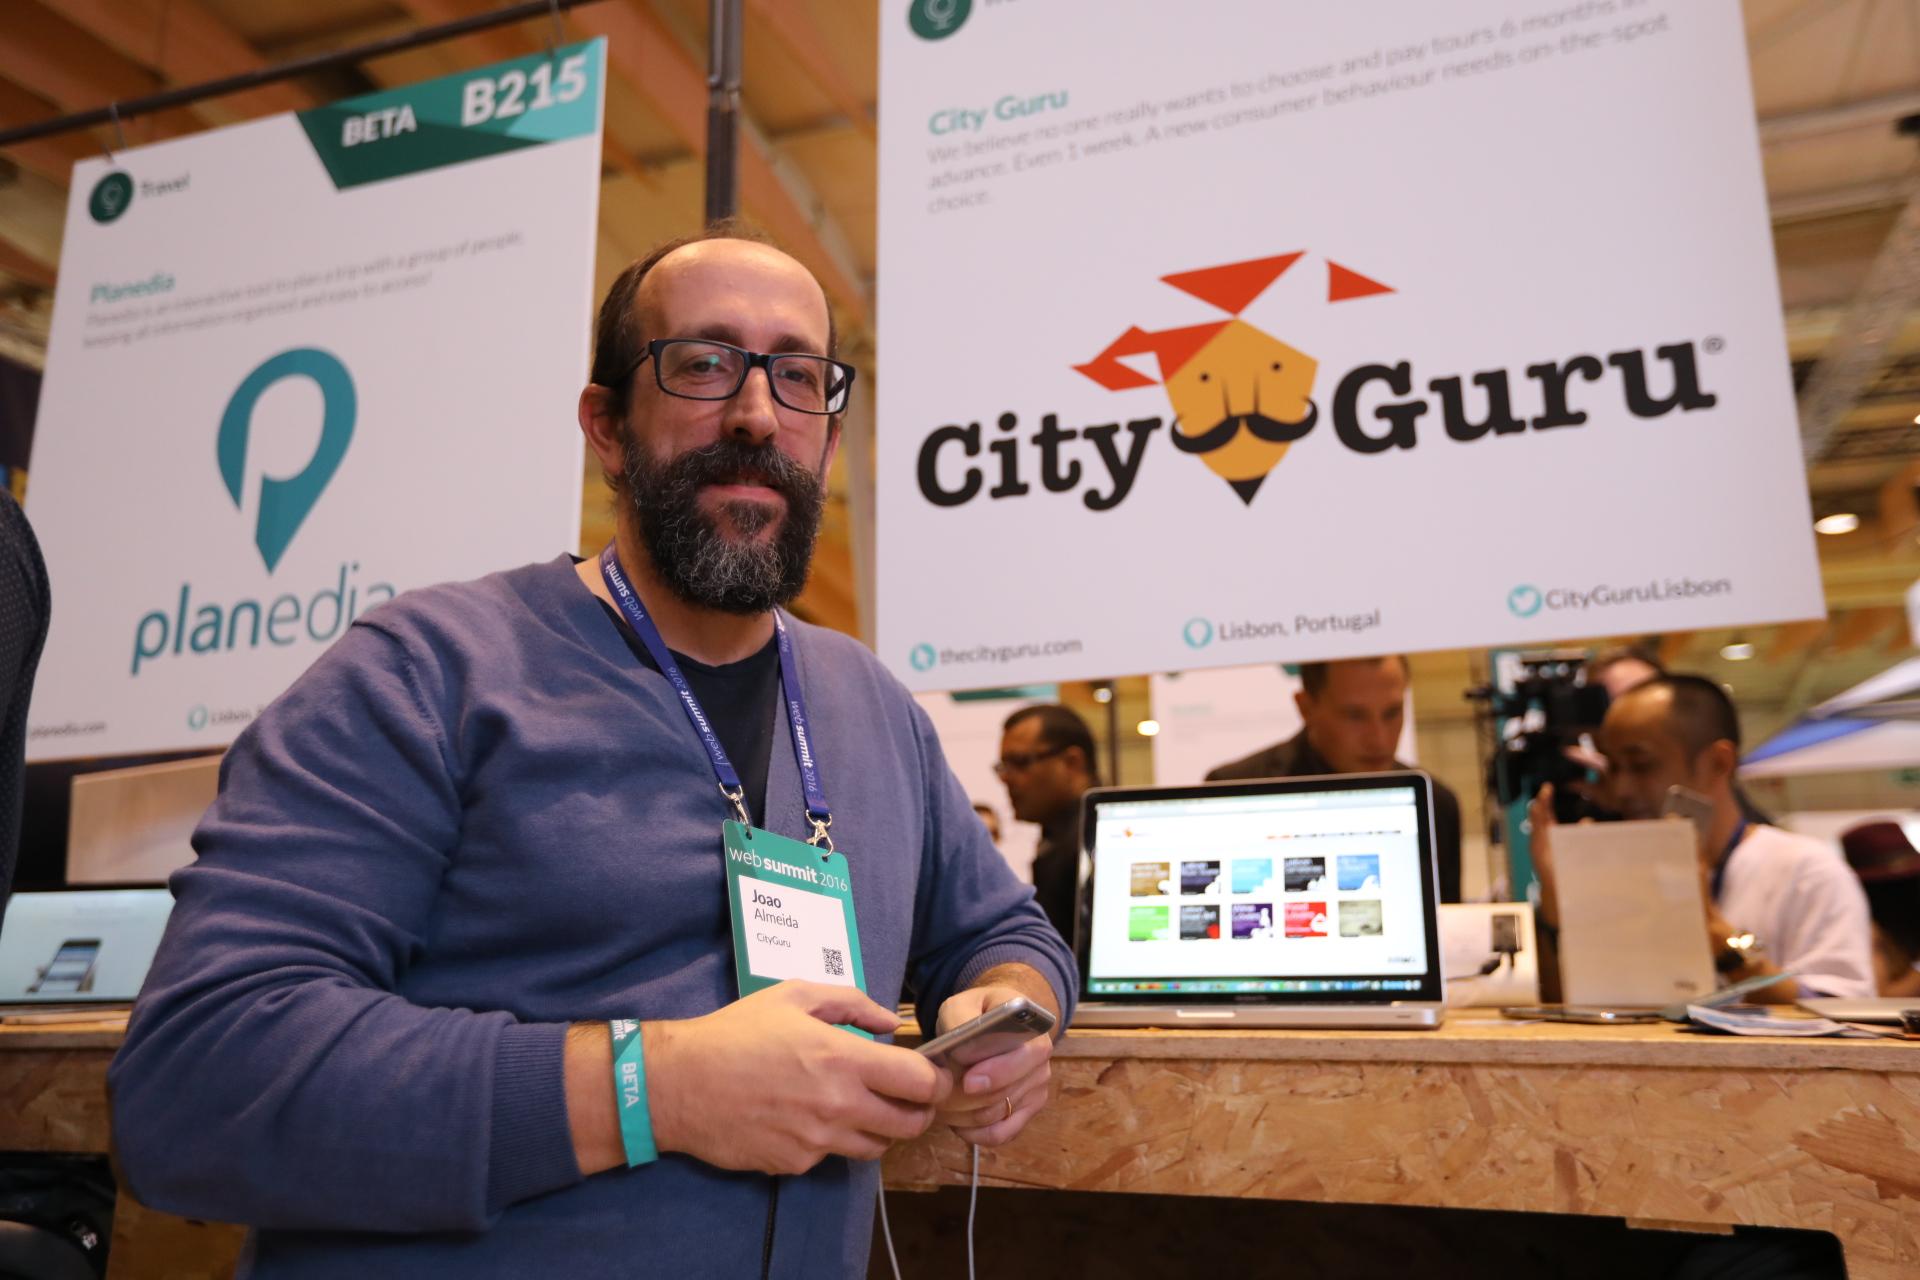 João Almeida, CEO da City Guru.